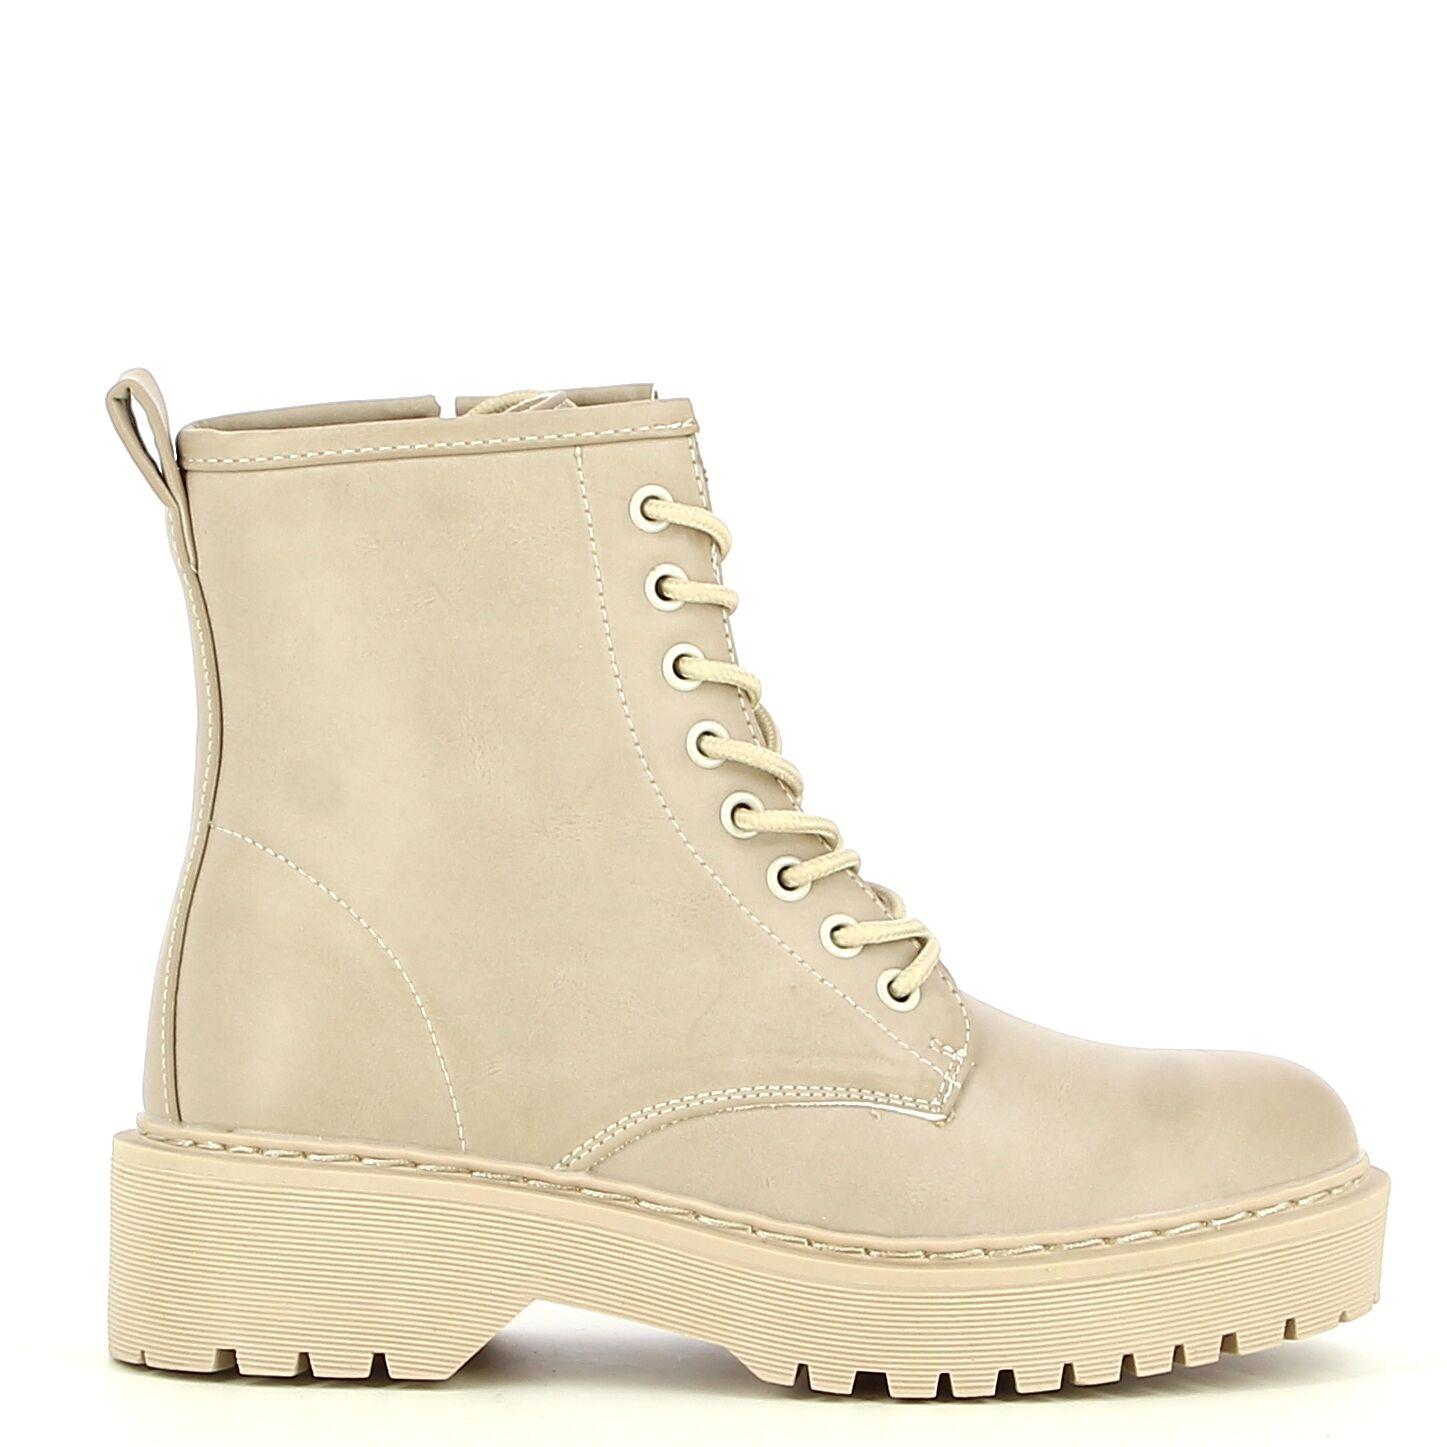 Ken Shoe Fashion - Beige - Enkellaarzen/Boots